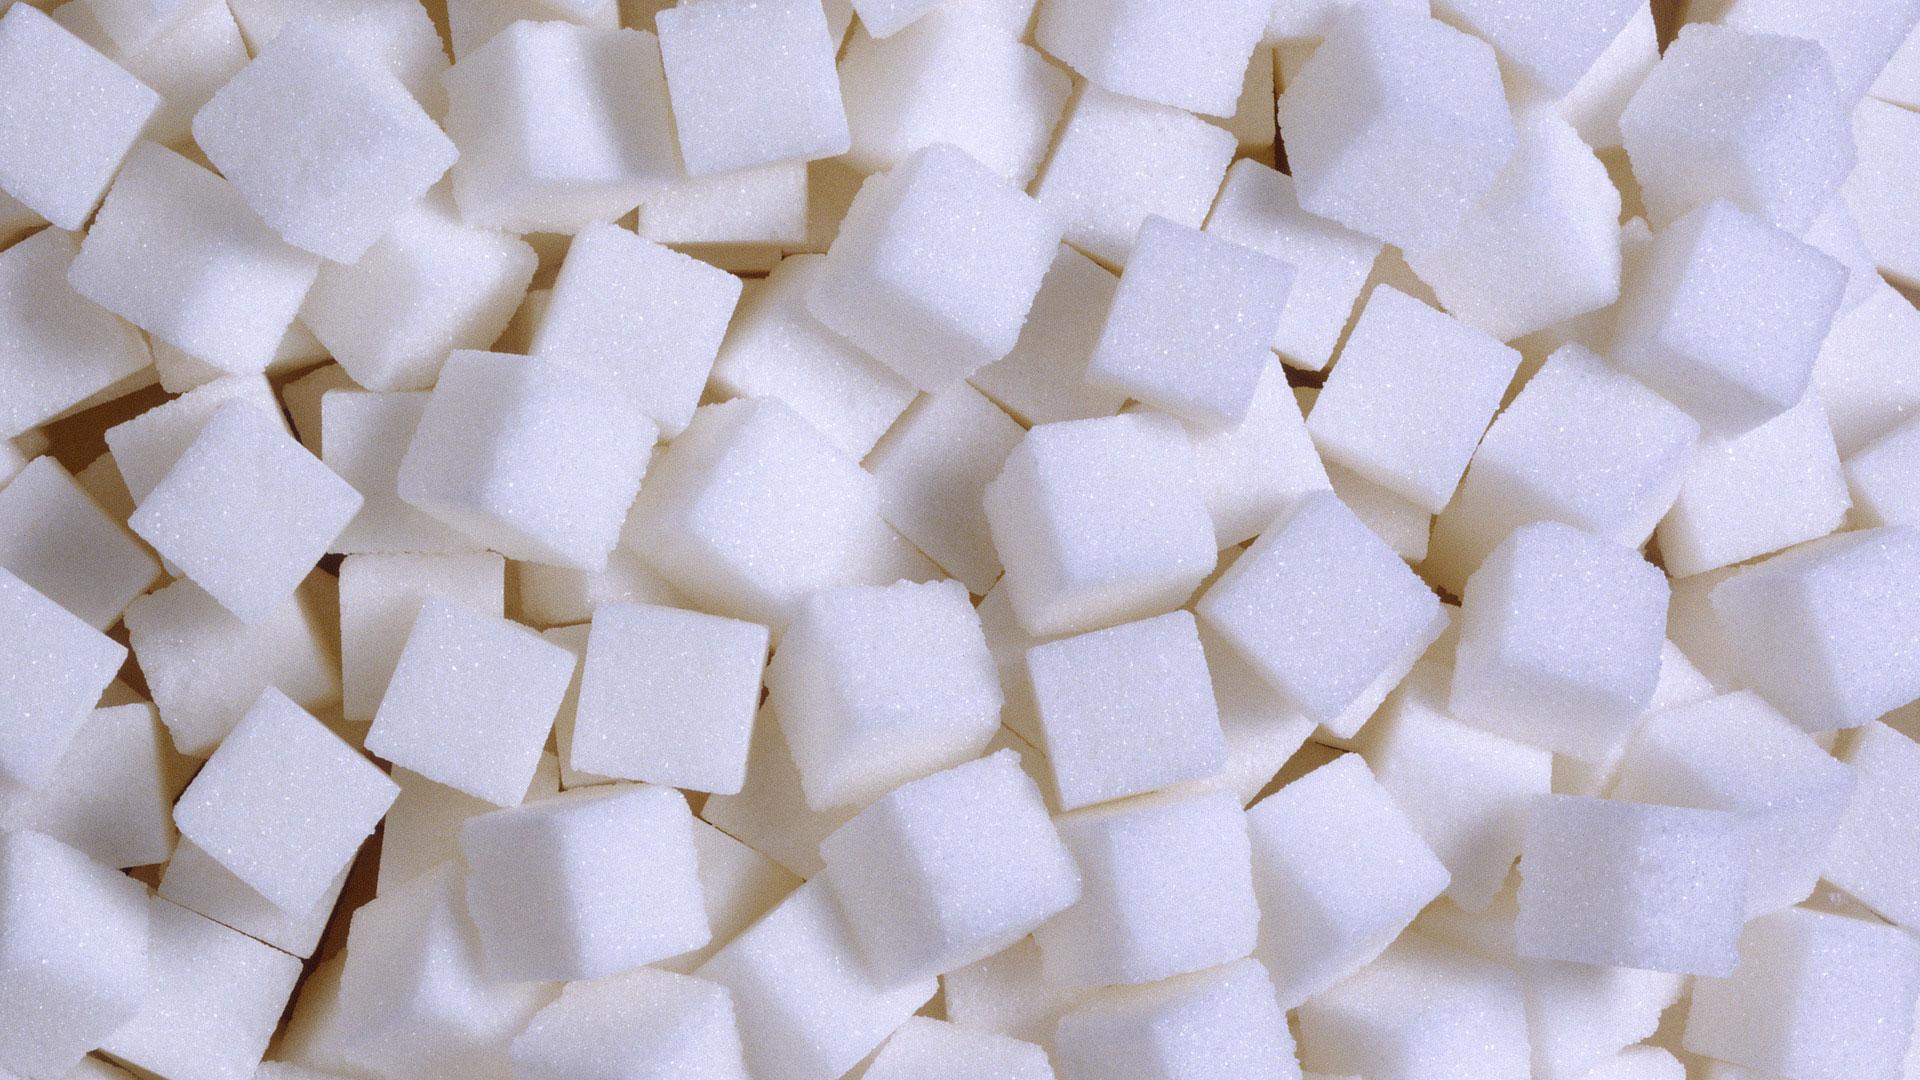 сахар рафинад оптом купить подсластитель